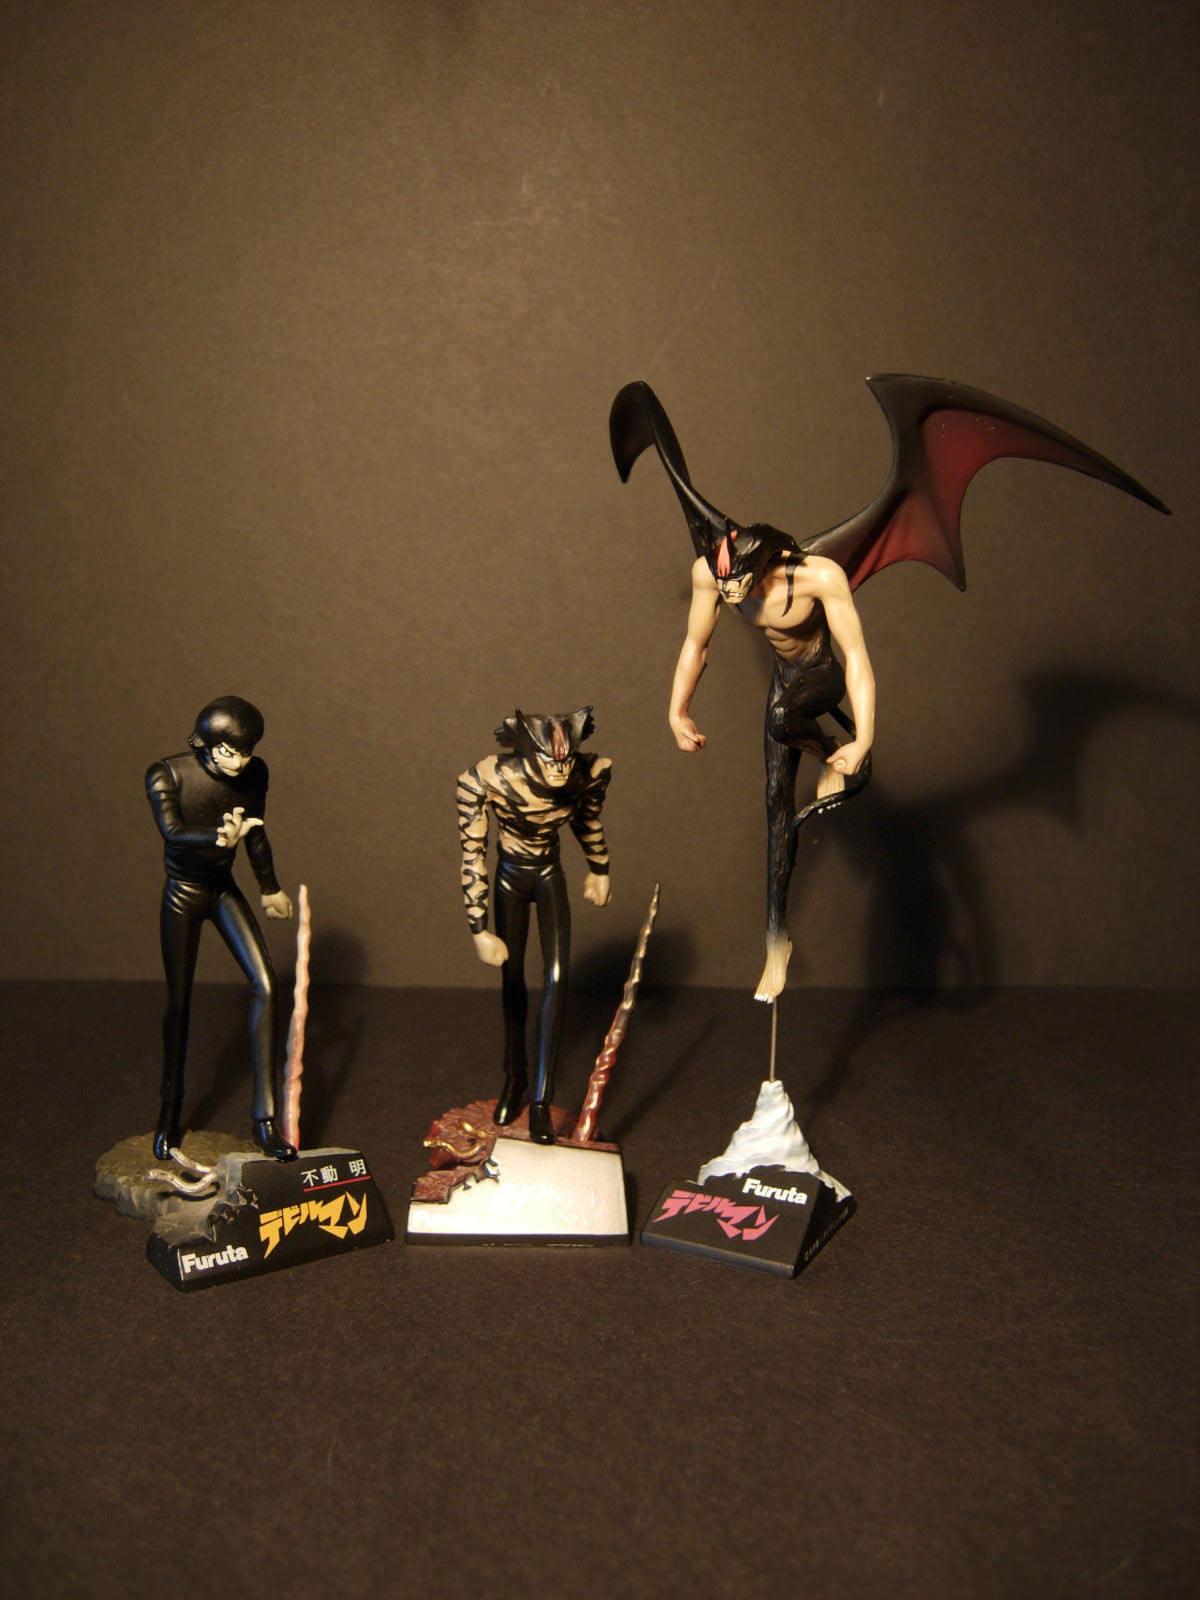 DEVILMAN GASHAPON - GO NAGAI - FURUTA Set of 3 - Devilman transformation